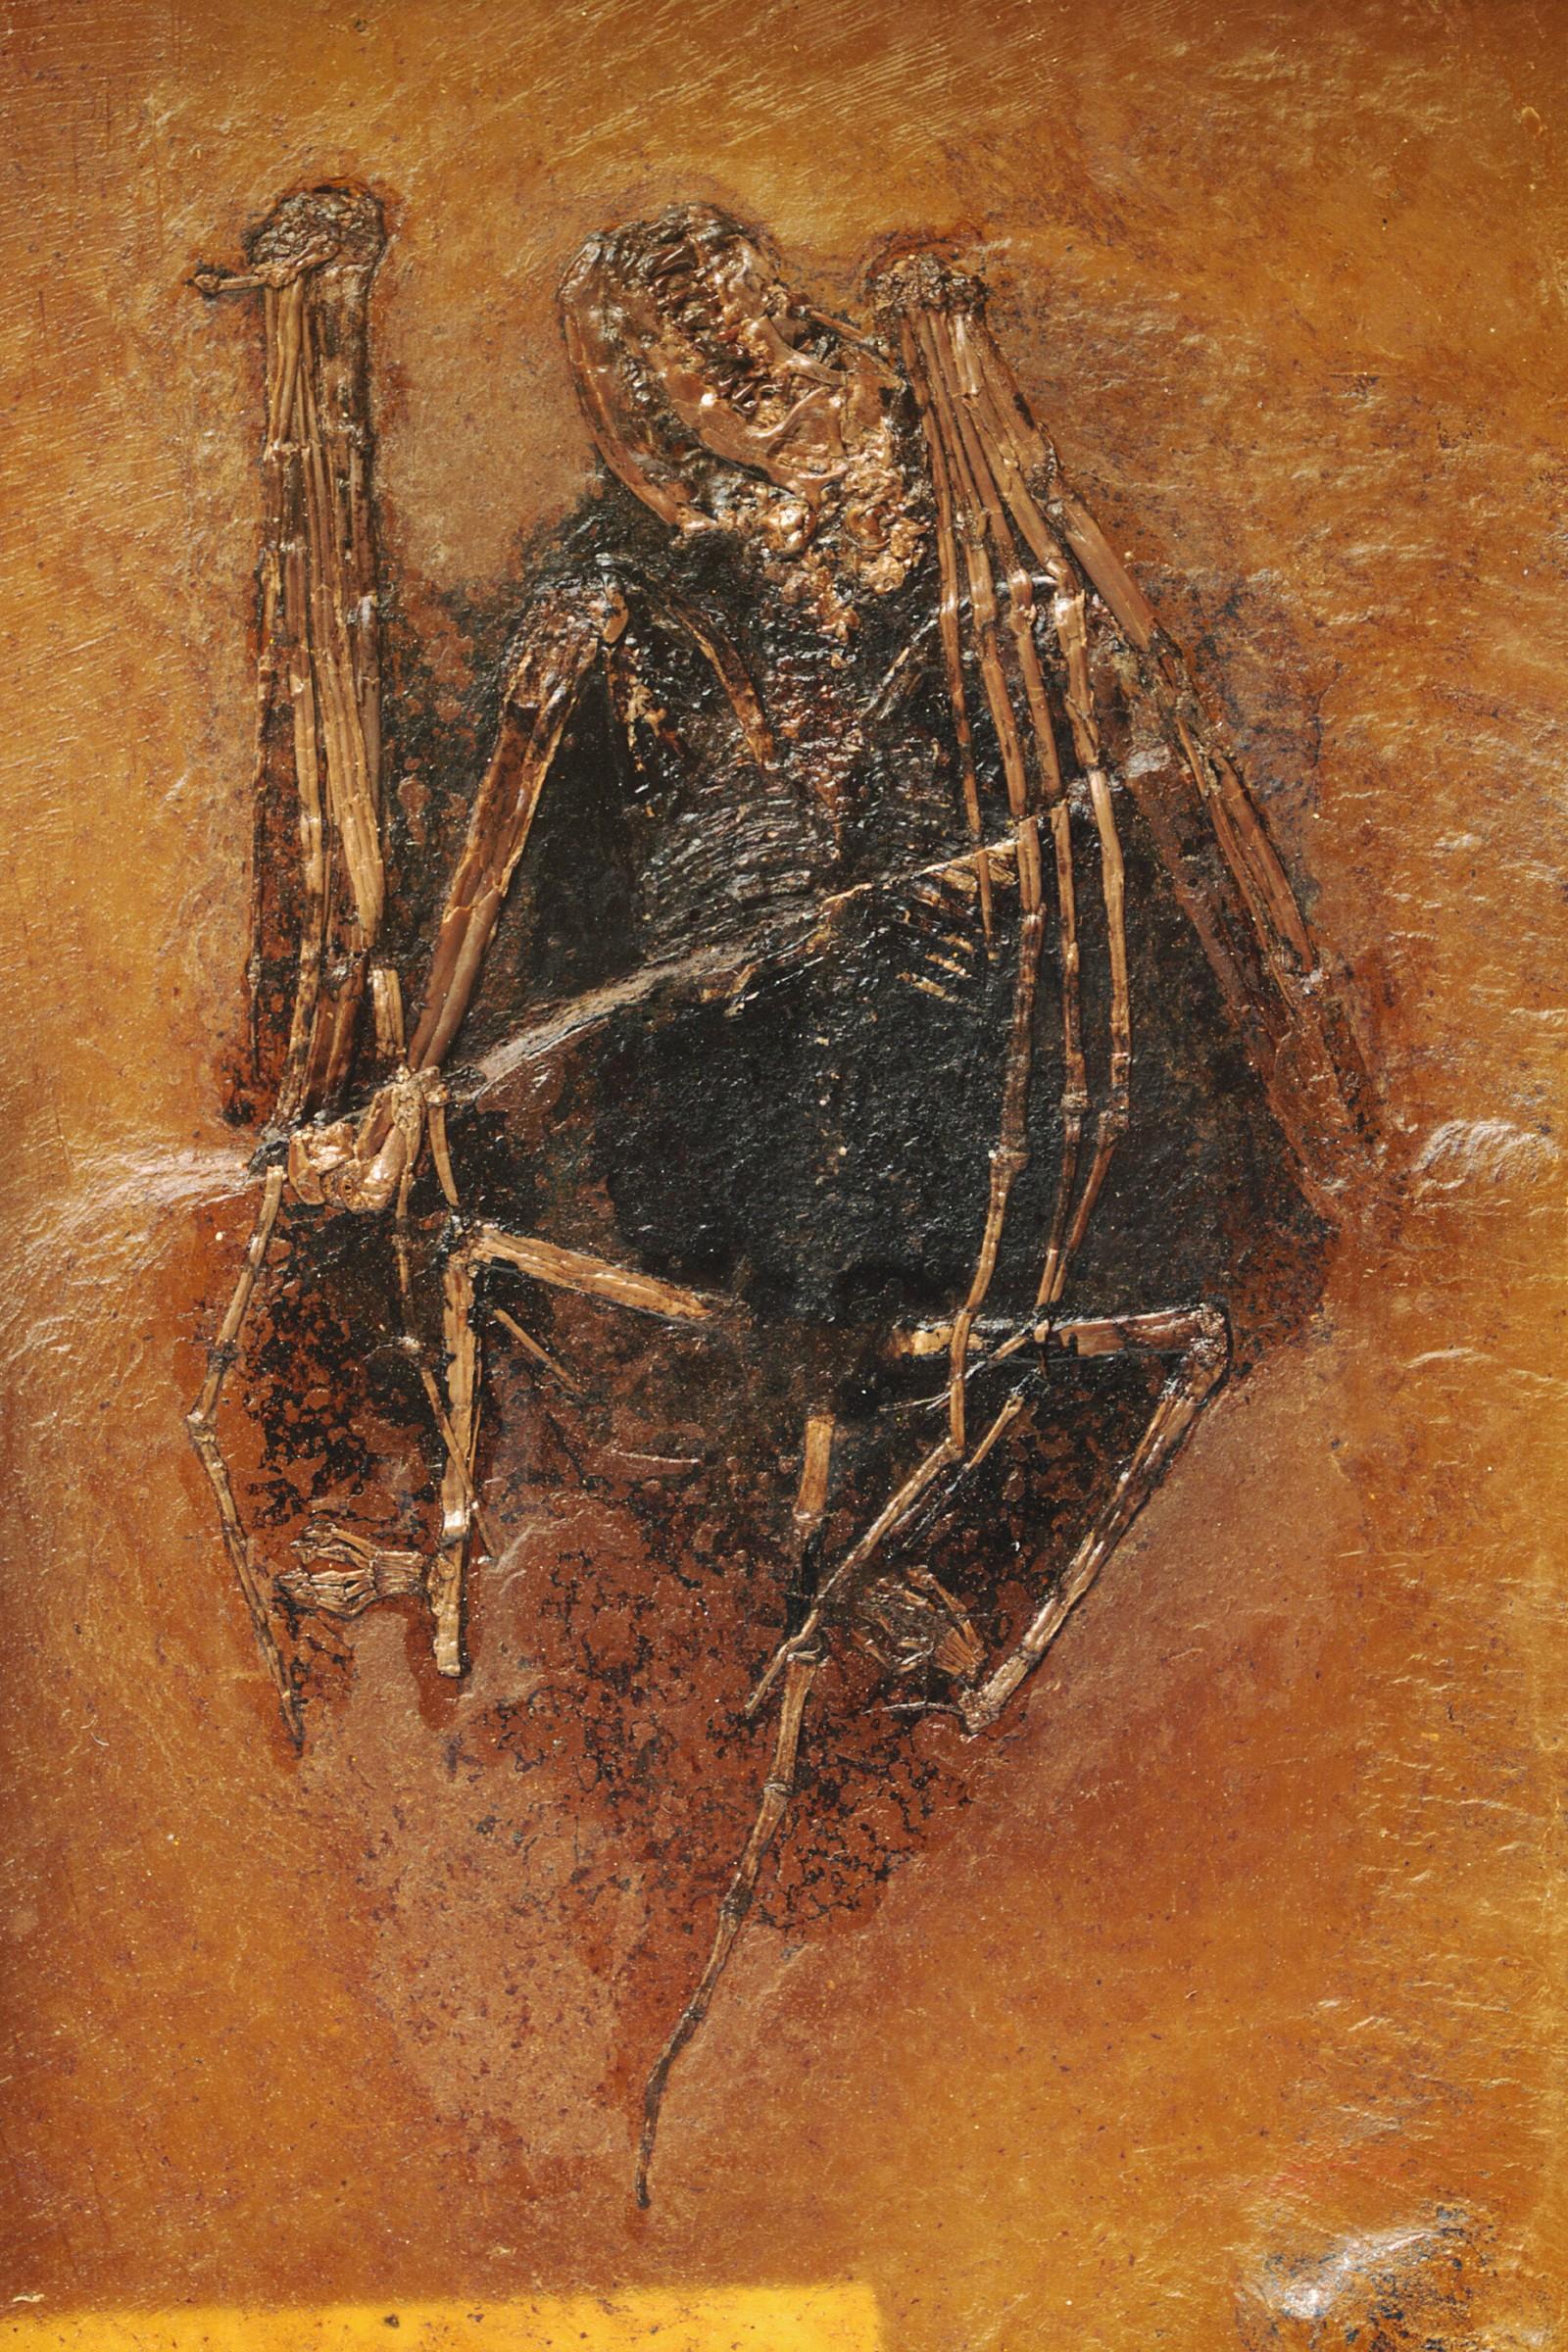 Denne fossilen med navnet Palaeochiropteryx, skal være over 49 millioner år gammel, og ble funnet i Messel, Tyskland.